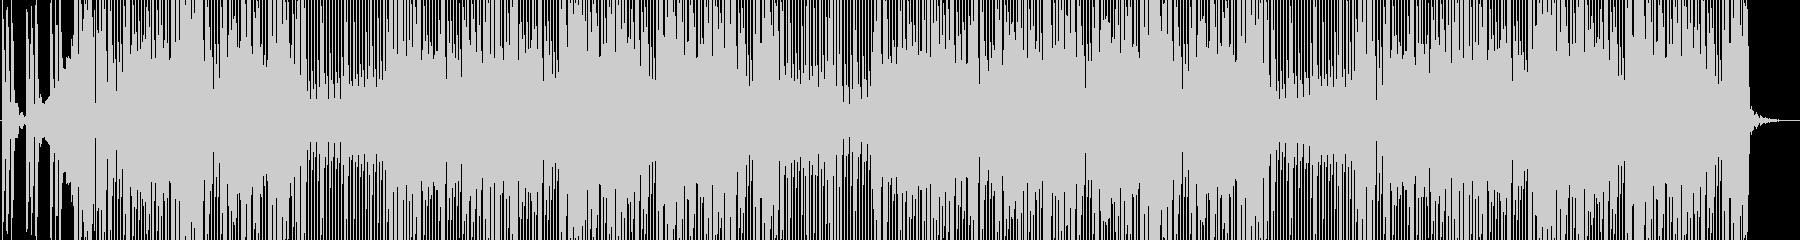 ヒップヒップトラップインストゥルメ...の未再生の波形